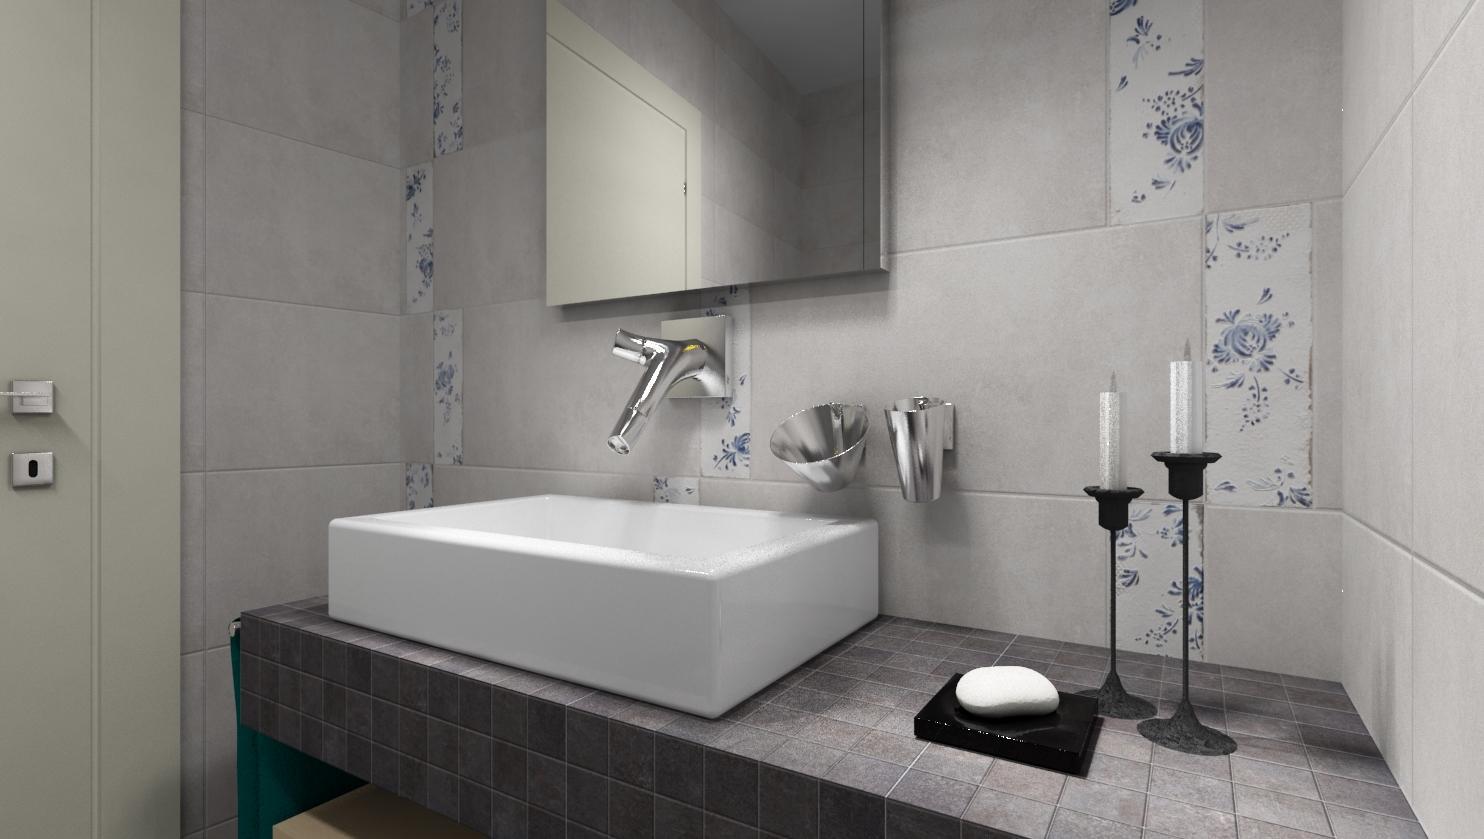 Vizualizácie kúpeľne - Vizualizácia kúpeľne v odtieňoch sivej s jemným modrým kvetinovým dekorom.